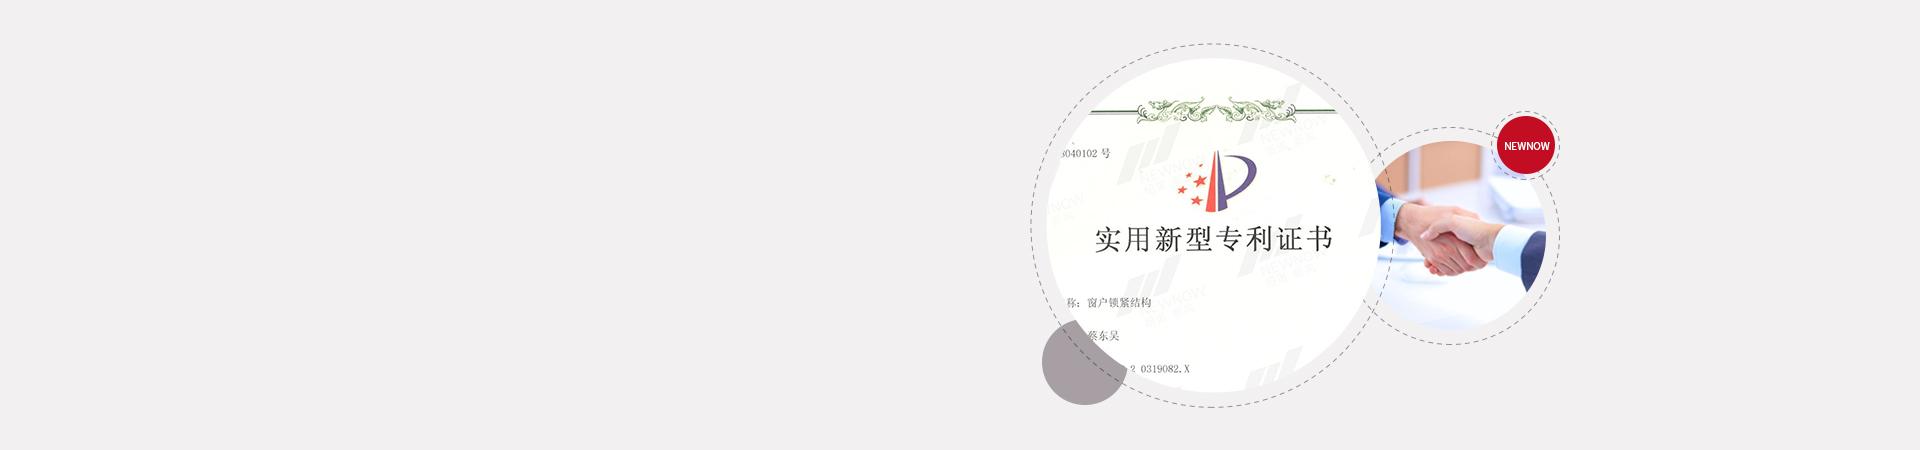 网站---幕墙新风_05.jpg